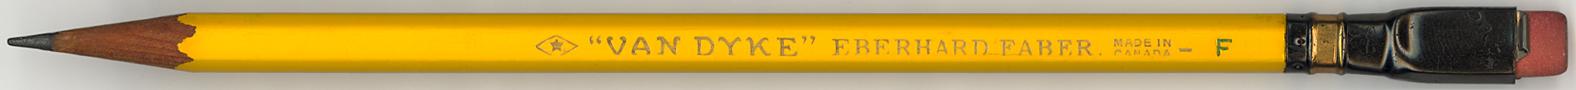 Van Dyke 601 No. F